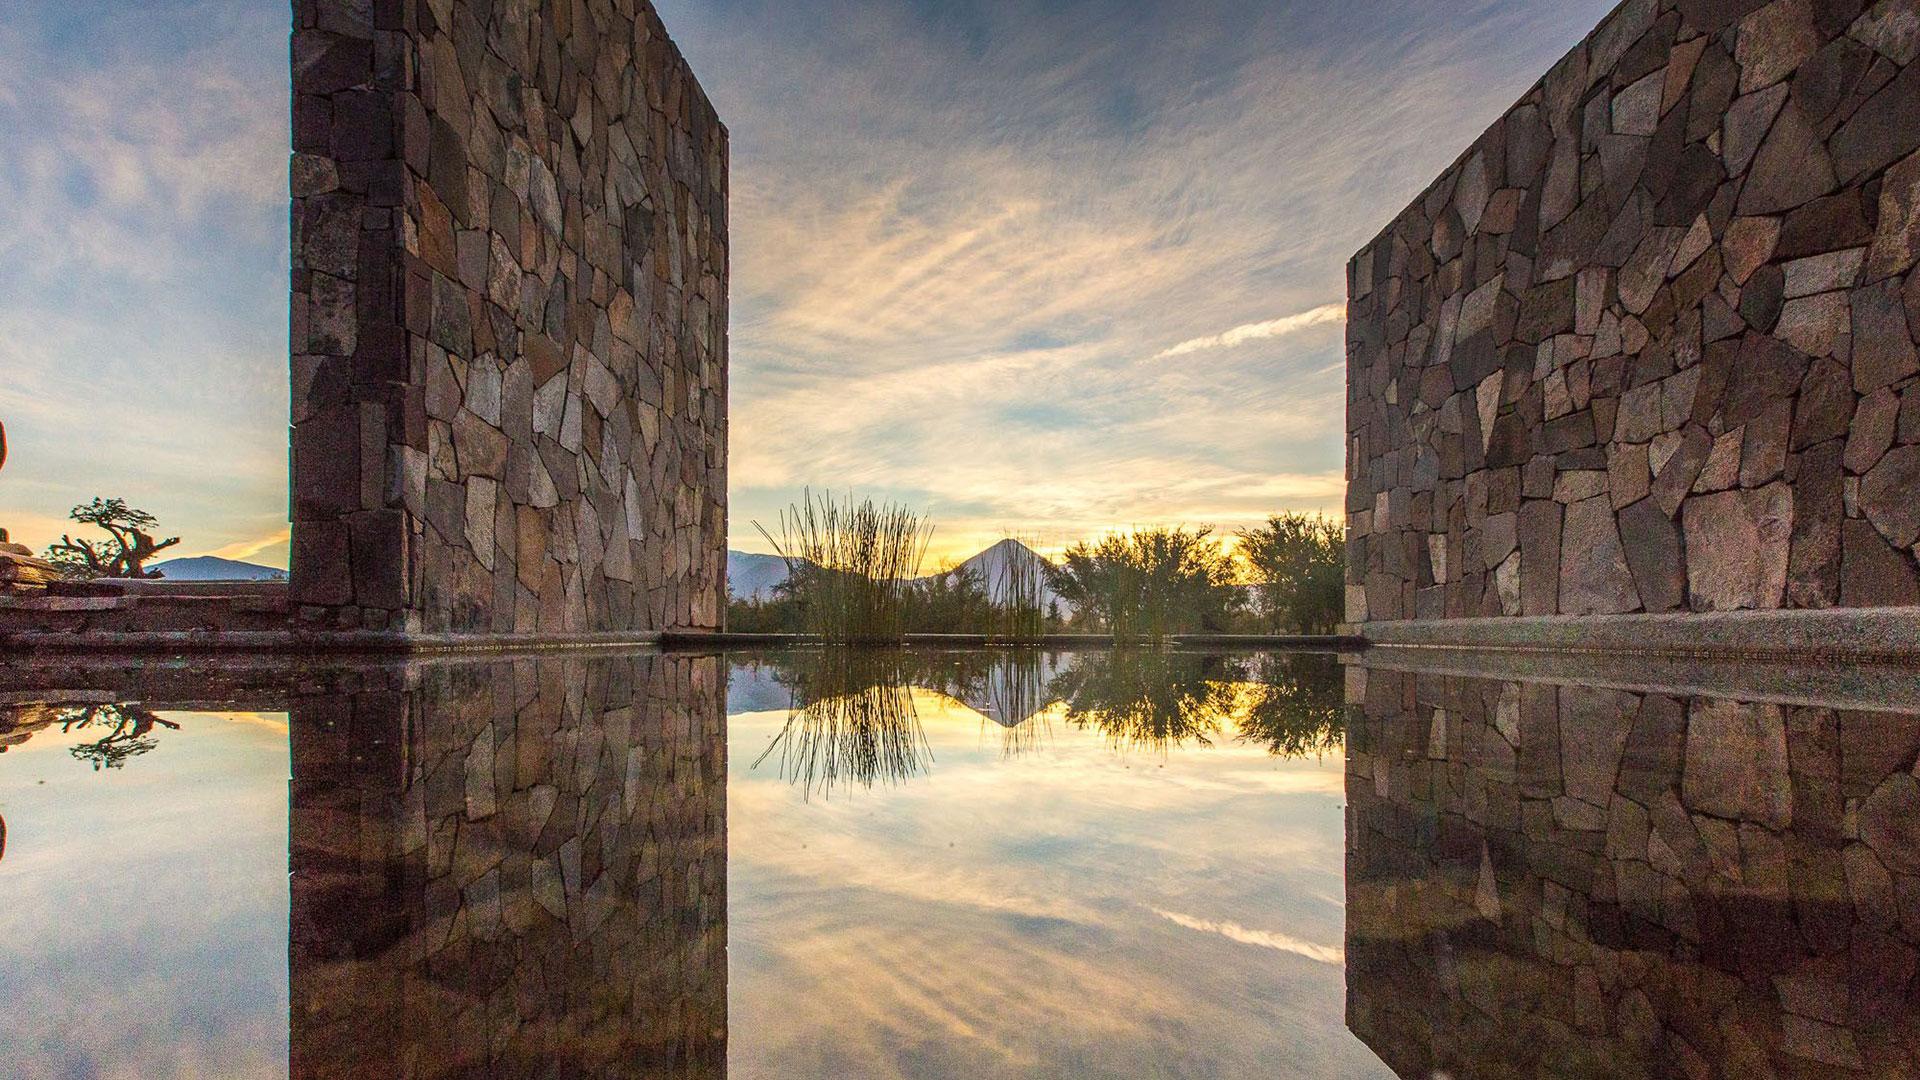 Sonnenuntergang im Hotel Tierra Atacama genießen. Luxusreise